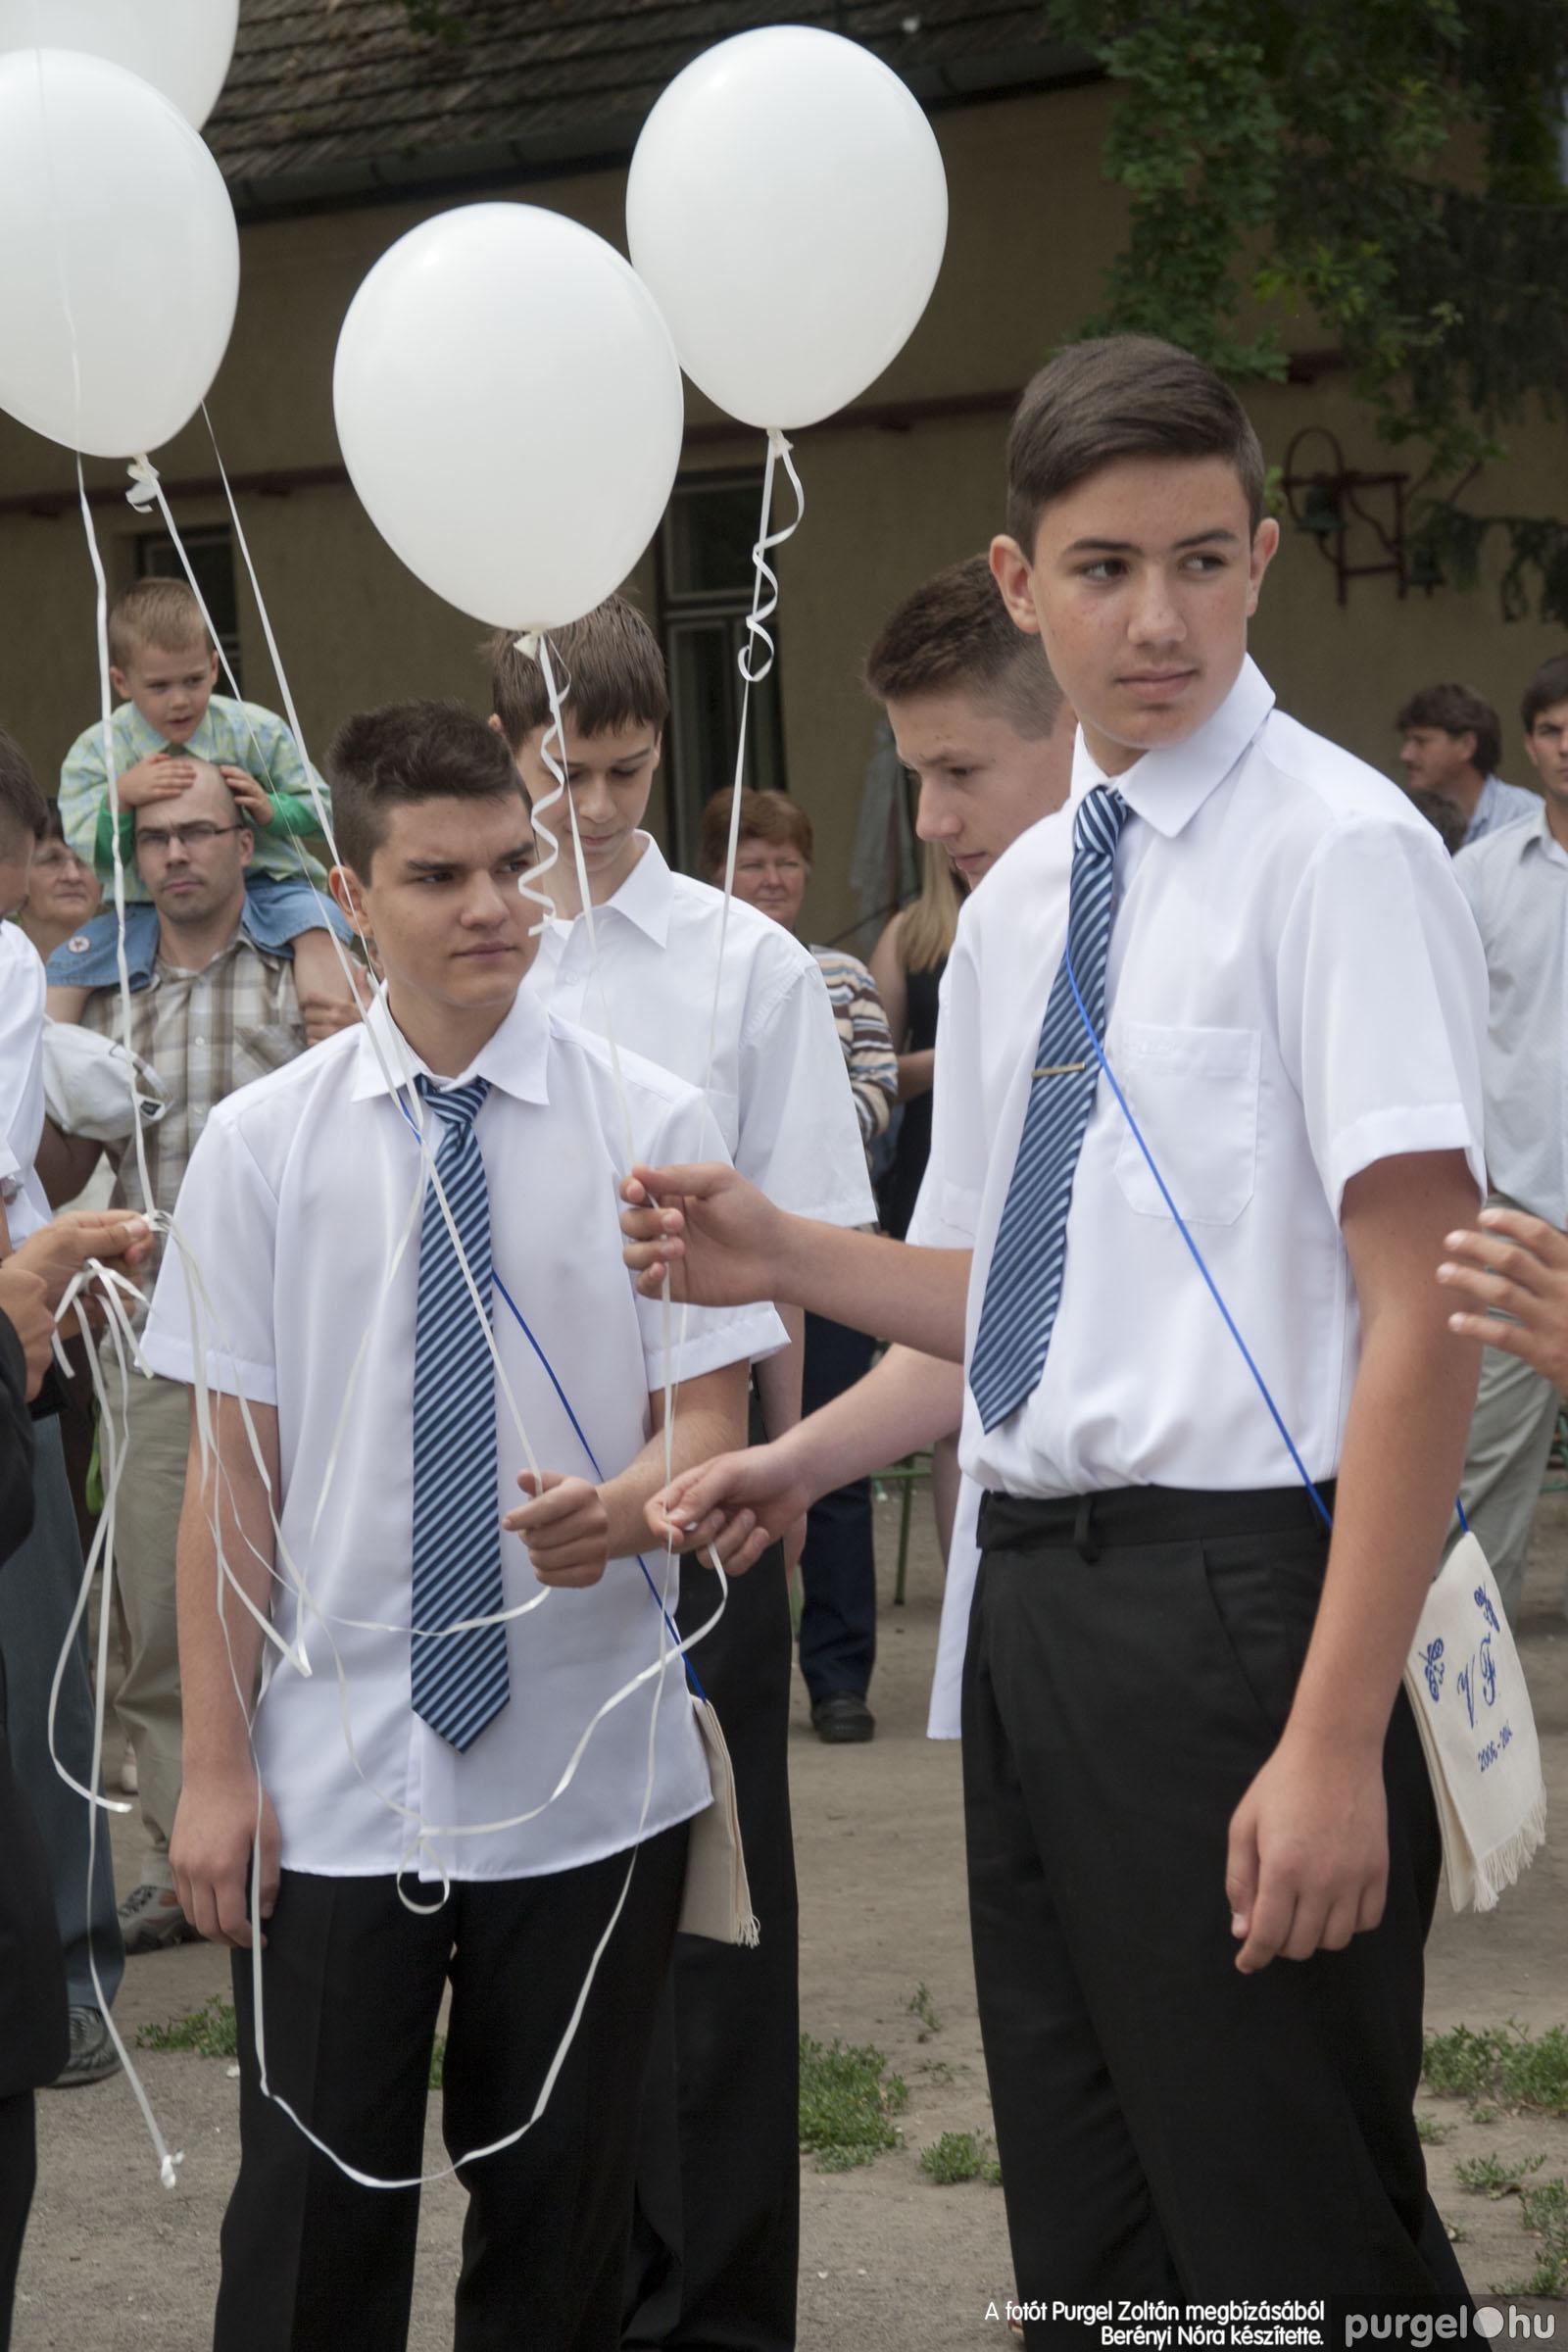 2014.06.14. 345 Forray Máté Általános Iskola ballagás 2014. - Fotó:BERÉNYI NÓRA© _MG_6081